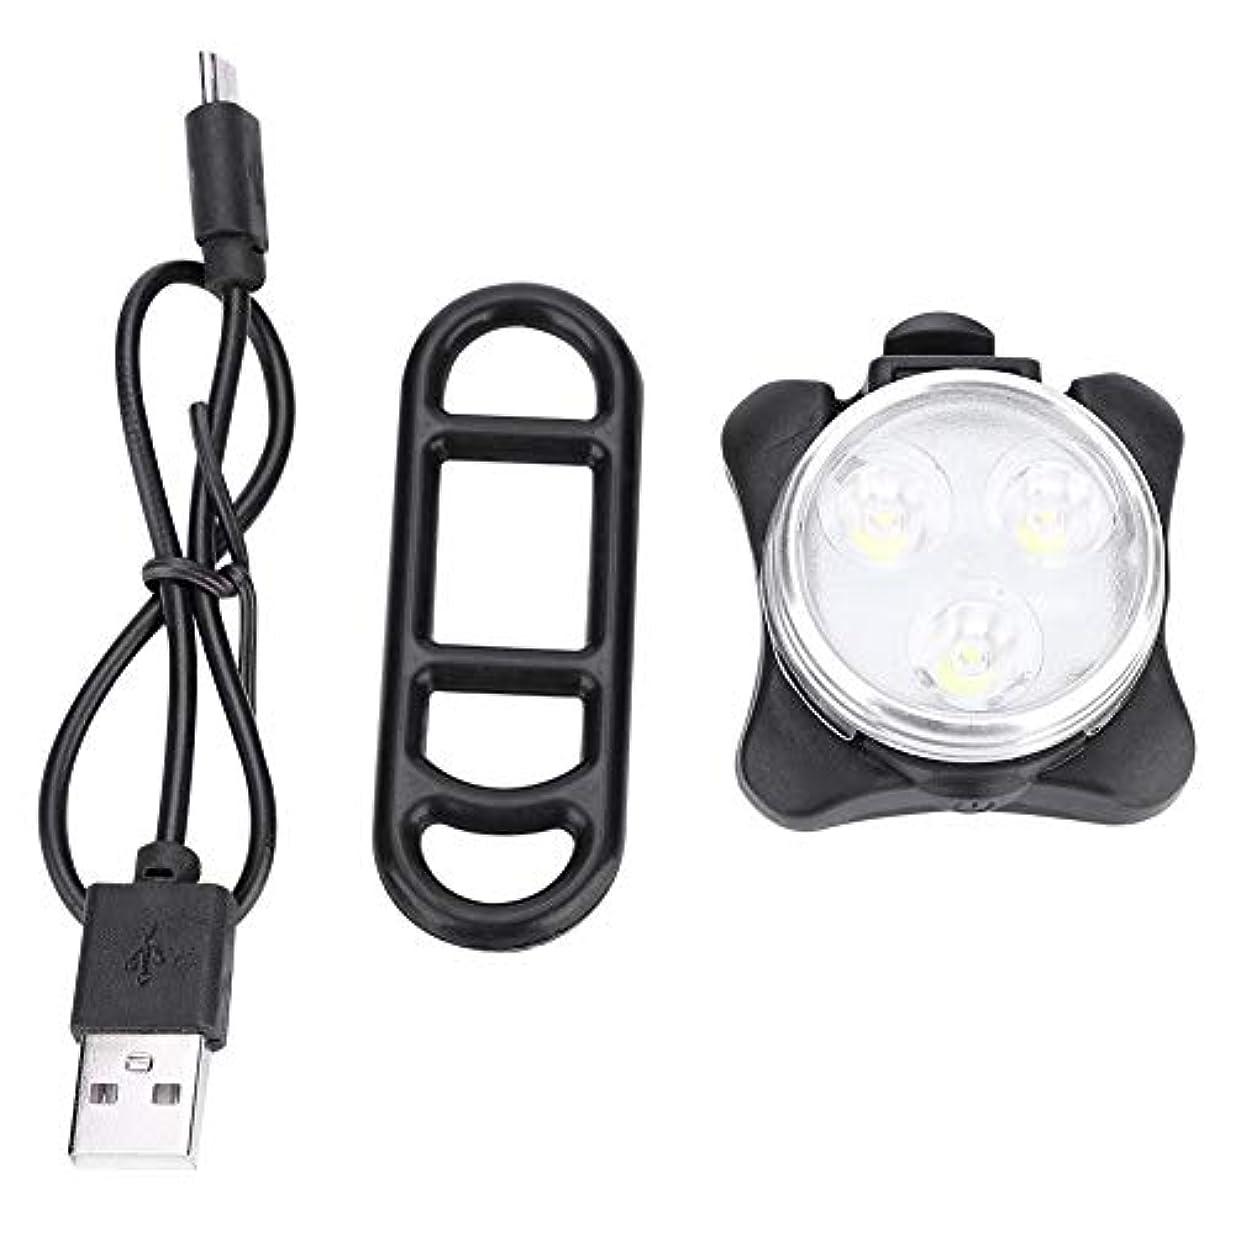 雇ったドライブ電子自転車テールライト COB 自転車リアライト サイクリング セーフティランプ 夜間 警告灯 USB充電式 サドルランプ 防水